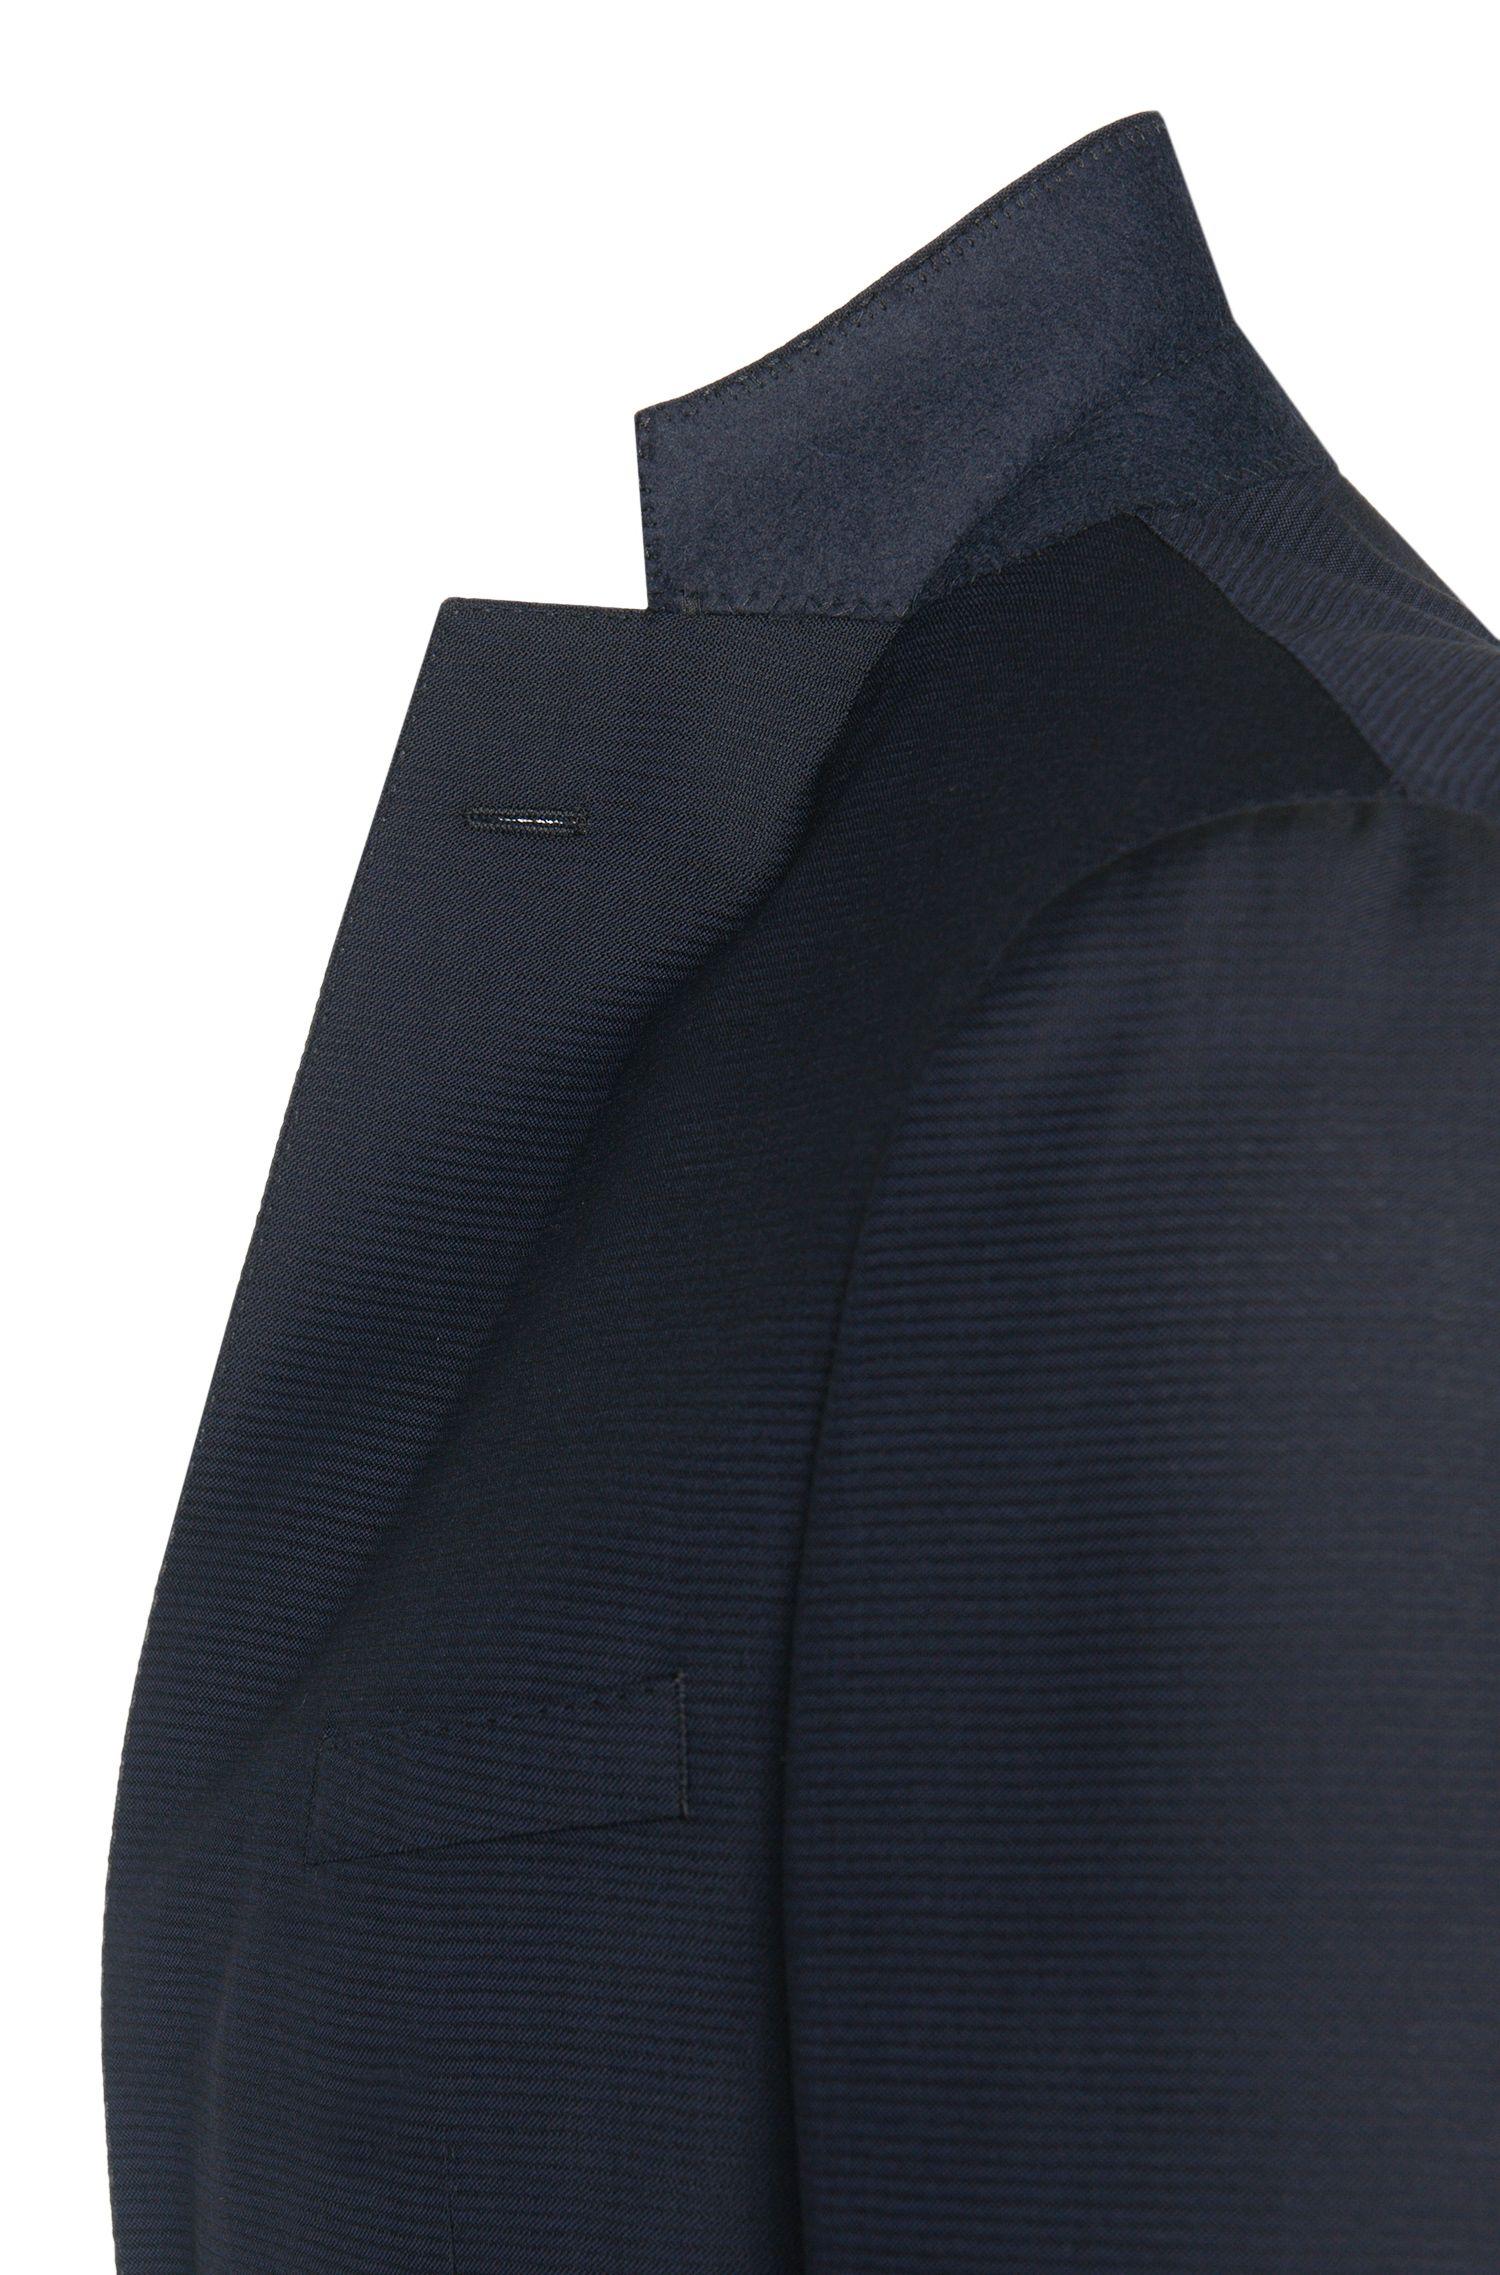 Costume Extra Slim Fit en laine vierge, au motif structuré: «Reyno2/Wave1»